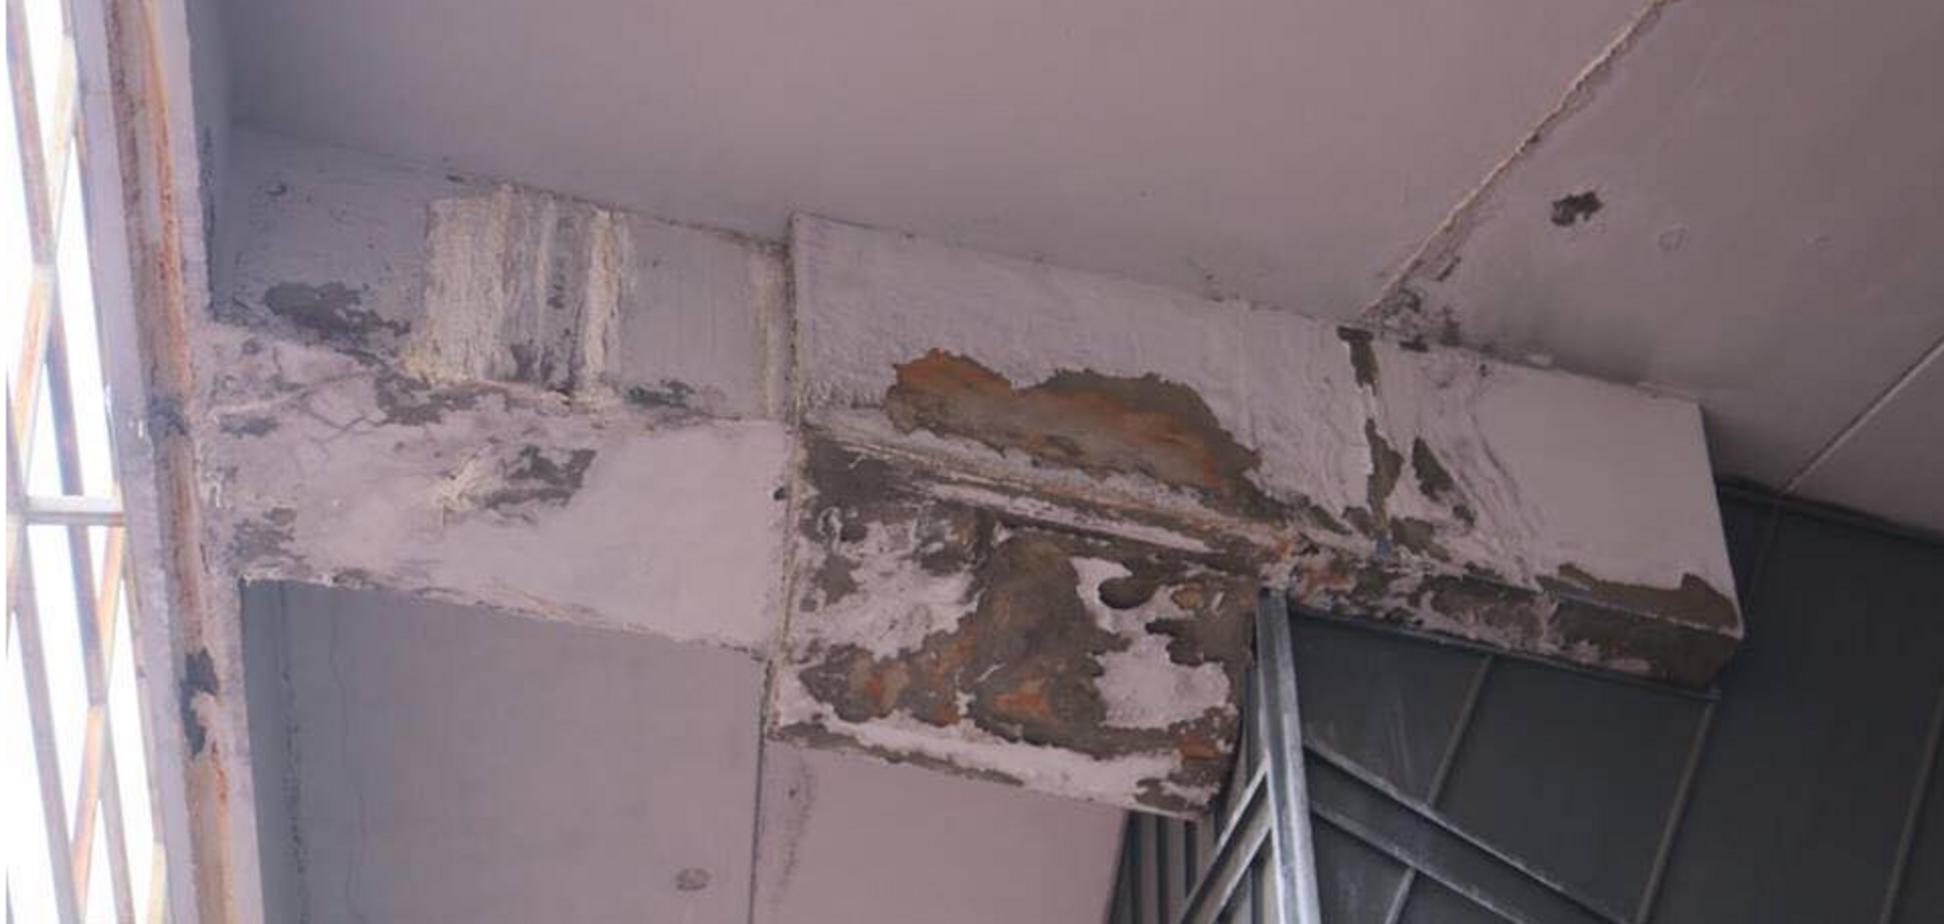 Серьезные проблемы: один из лучших стадионов Украины начал разрушаться - опубликованы фото